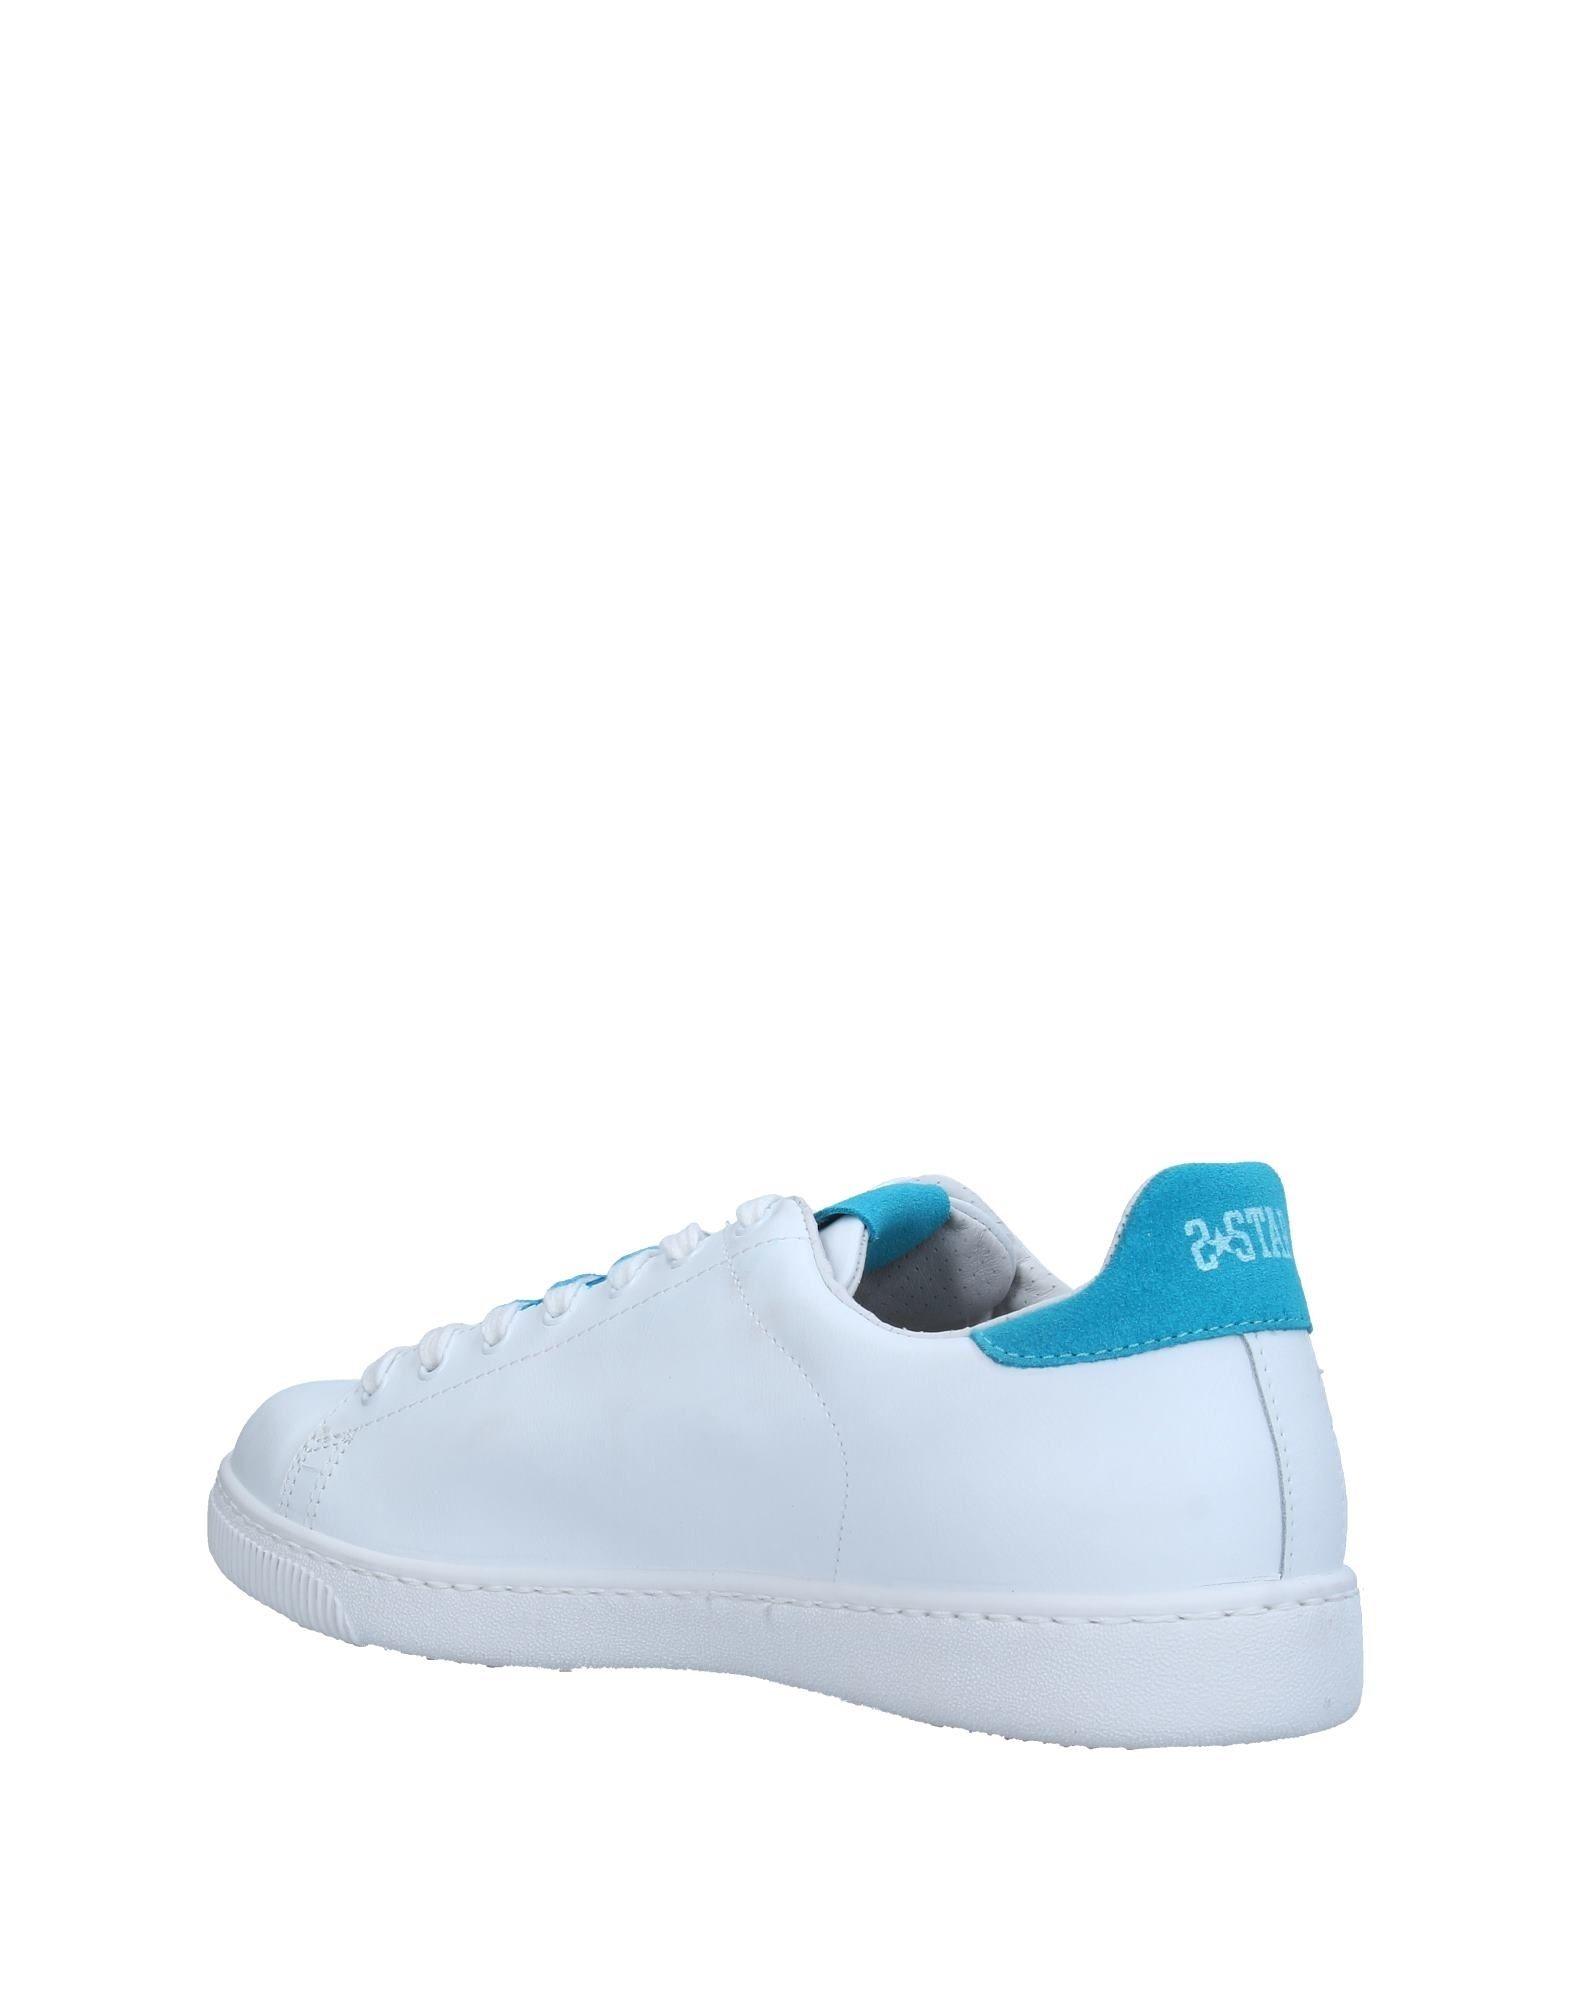 2Star Sneakers Herren   Herren 11338467CK b09cc7